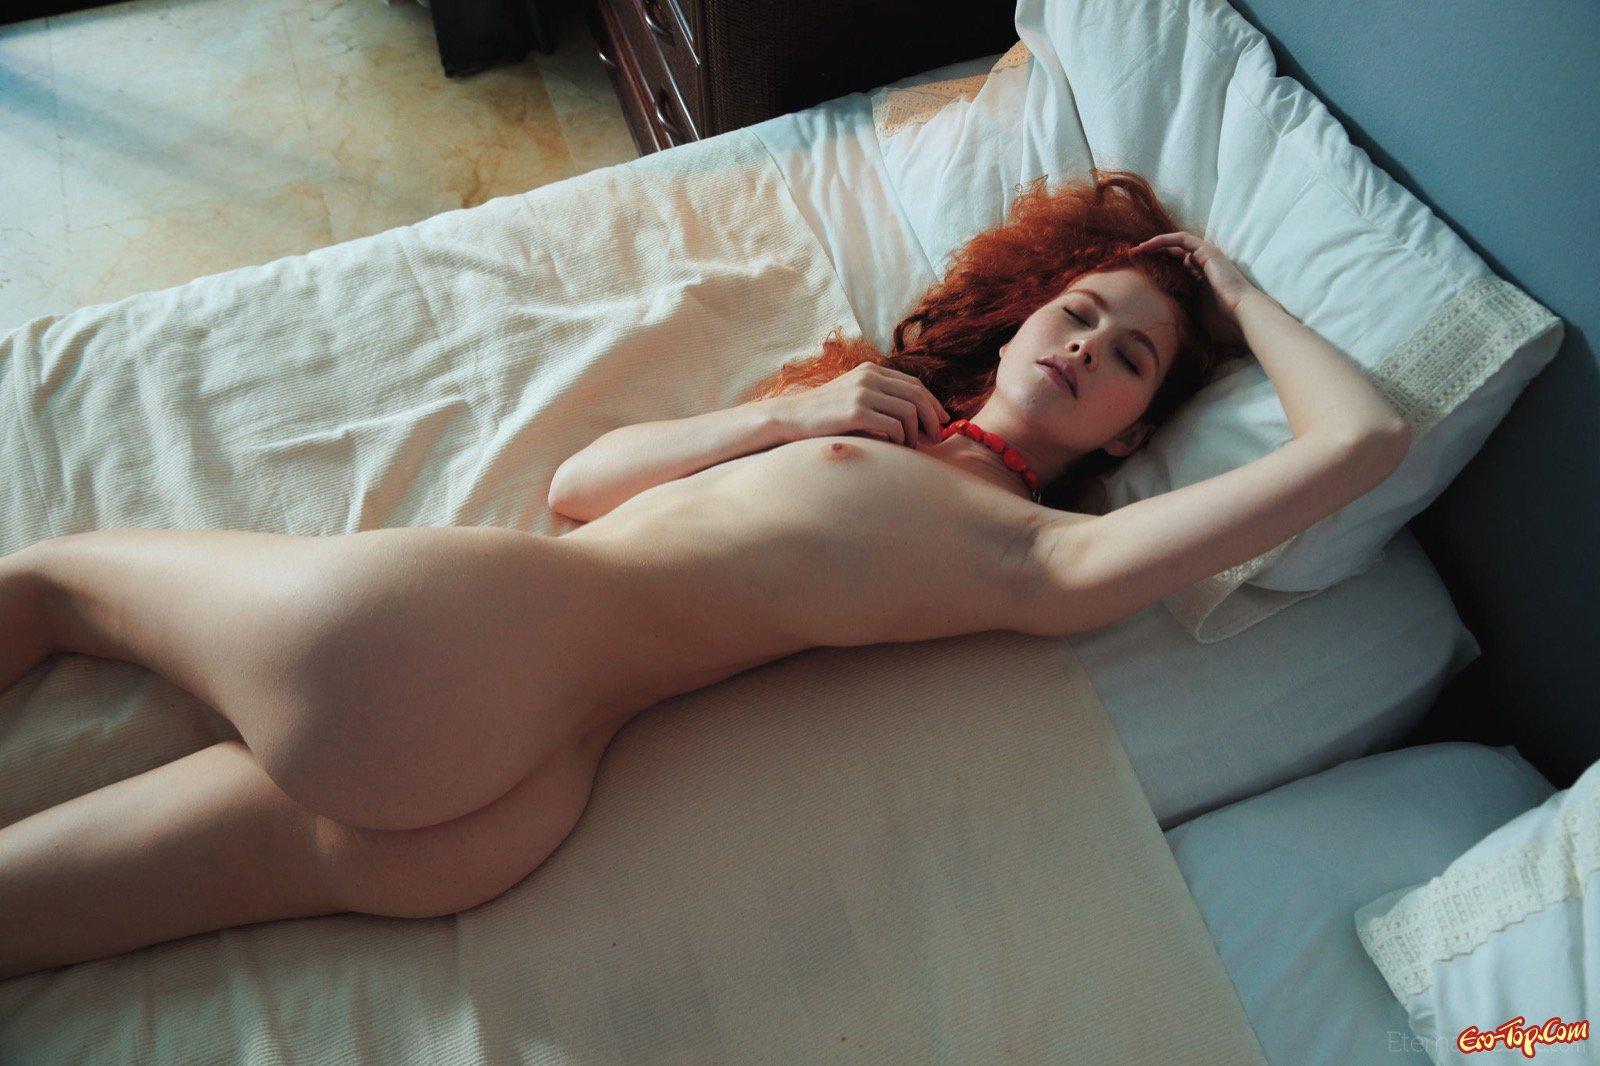 Рыженькая кудрявая блядь нагая лежит в кровати